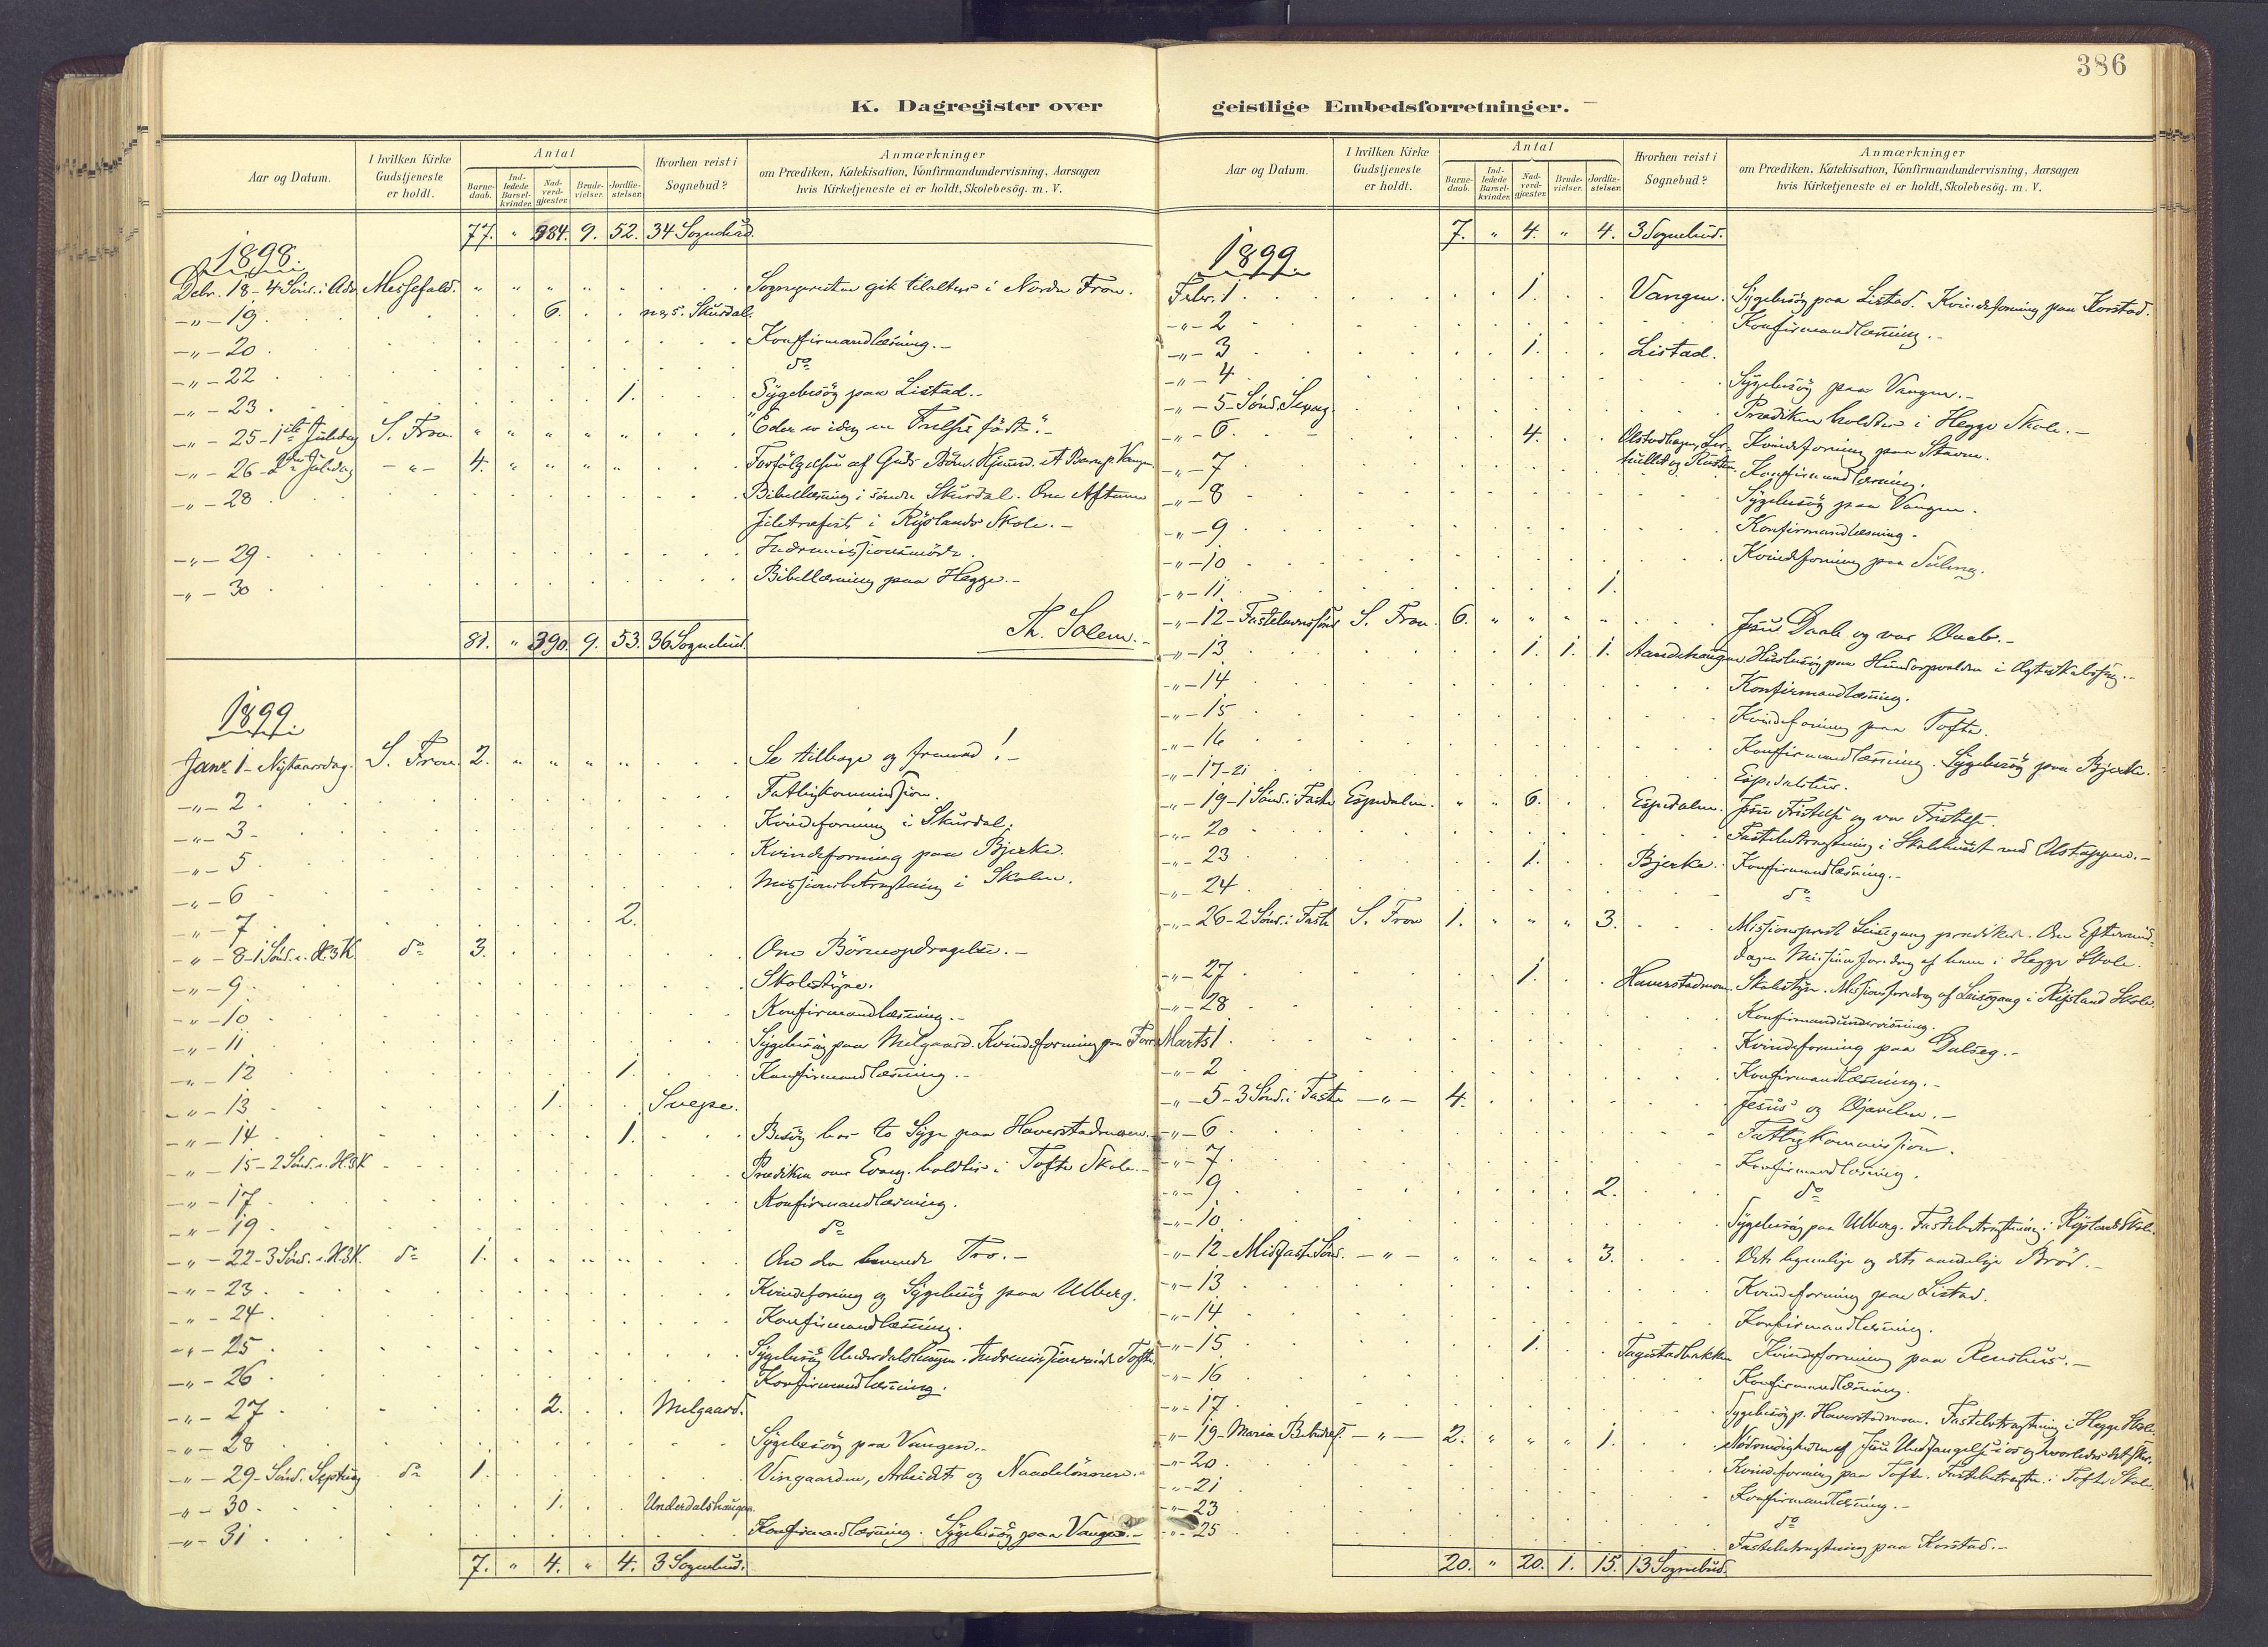 SAH, Sør-Fron prestekontor, H/Ha/Haa/L0004: Ministerialbok nr. 4, 1898-1919, s. 386